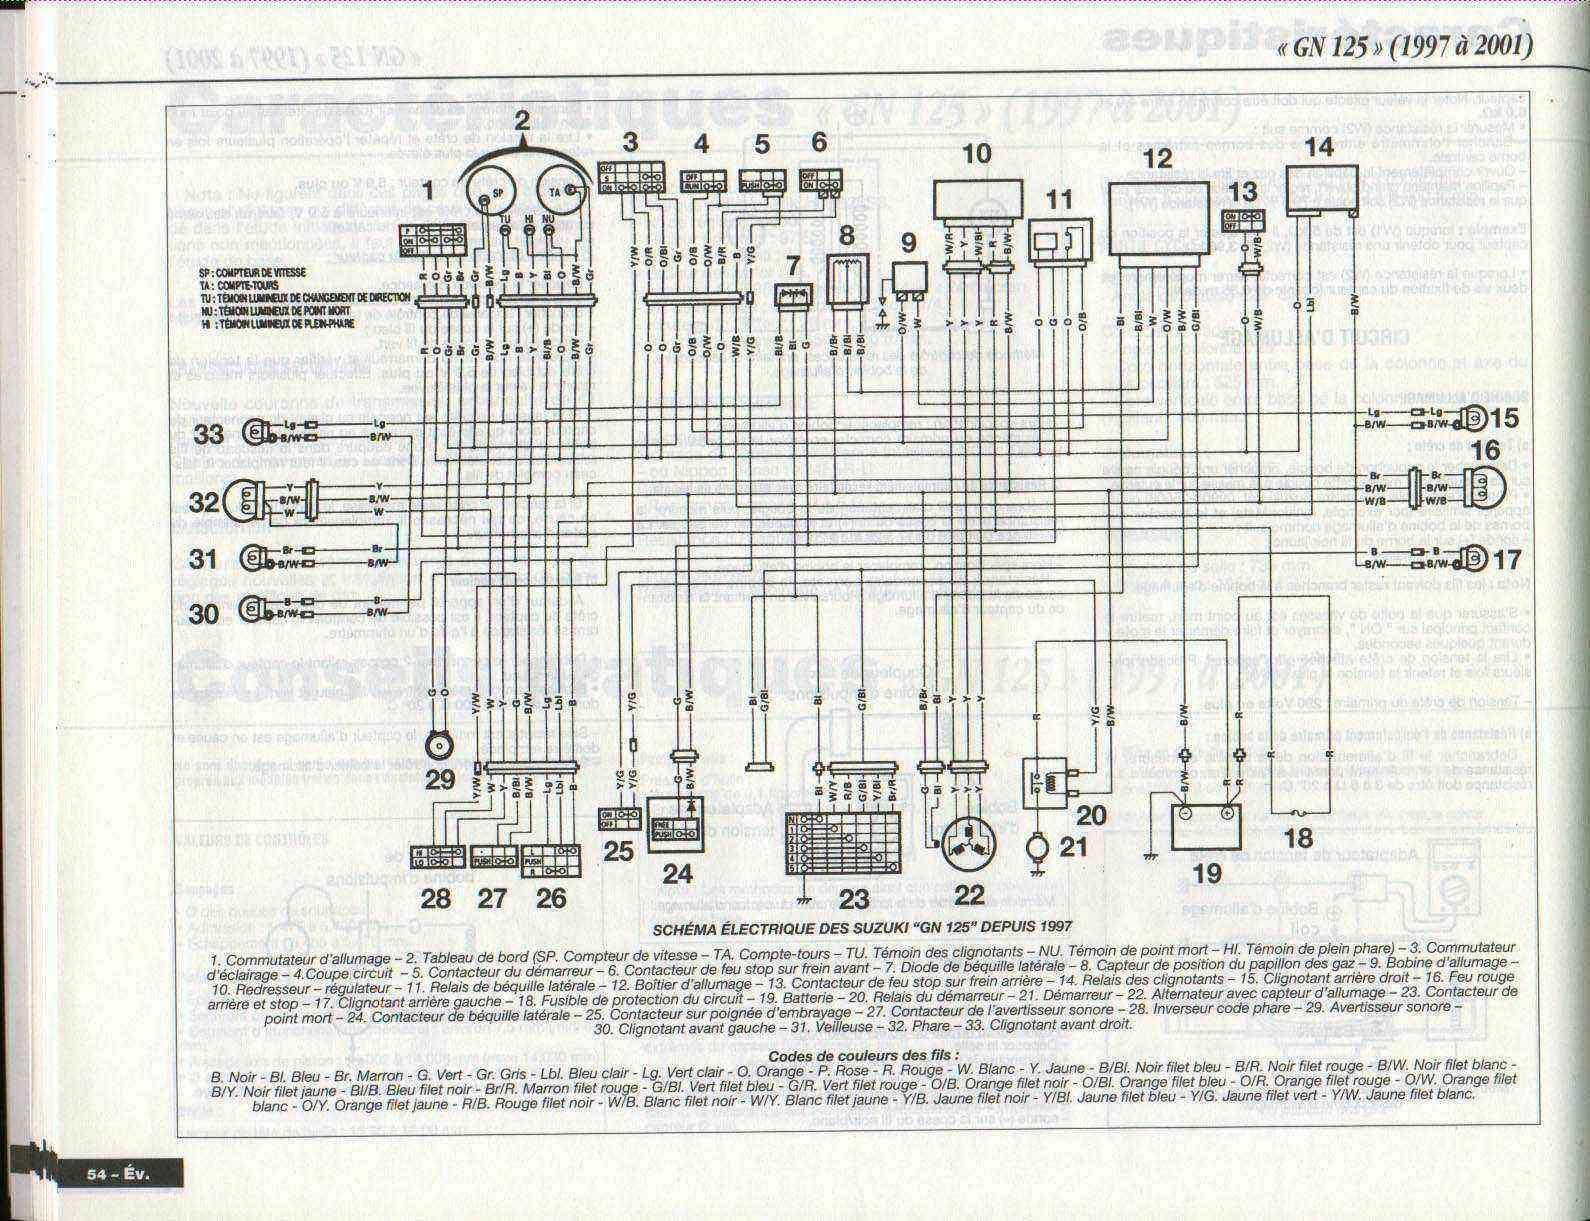 hight resolution of suzuki gn 125 wiring diagram suzuki gsxr 1000 wiring suzuki en 125 wiring diagram suzuki gs